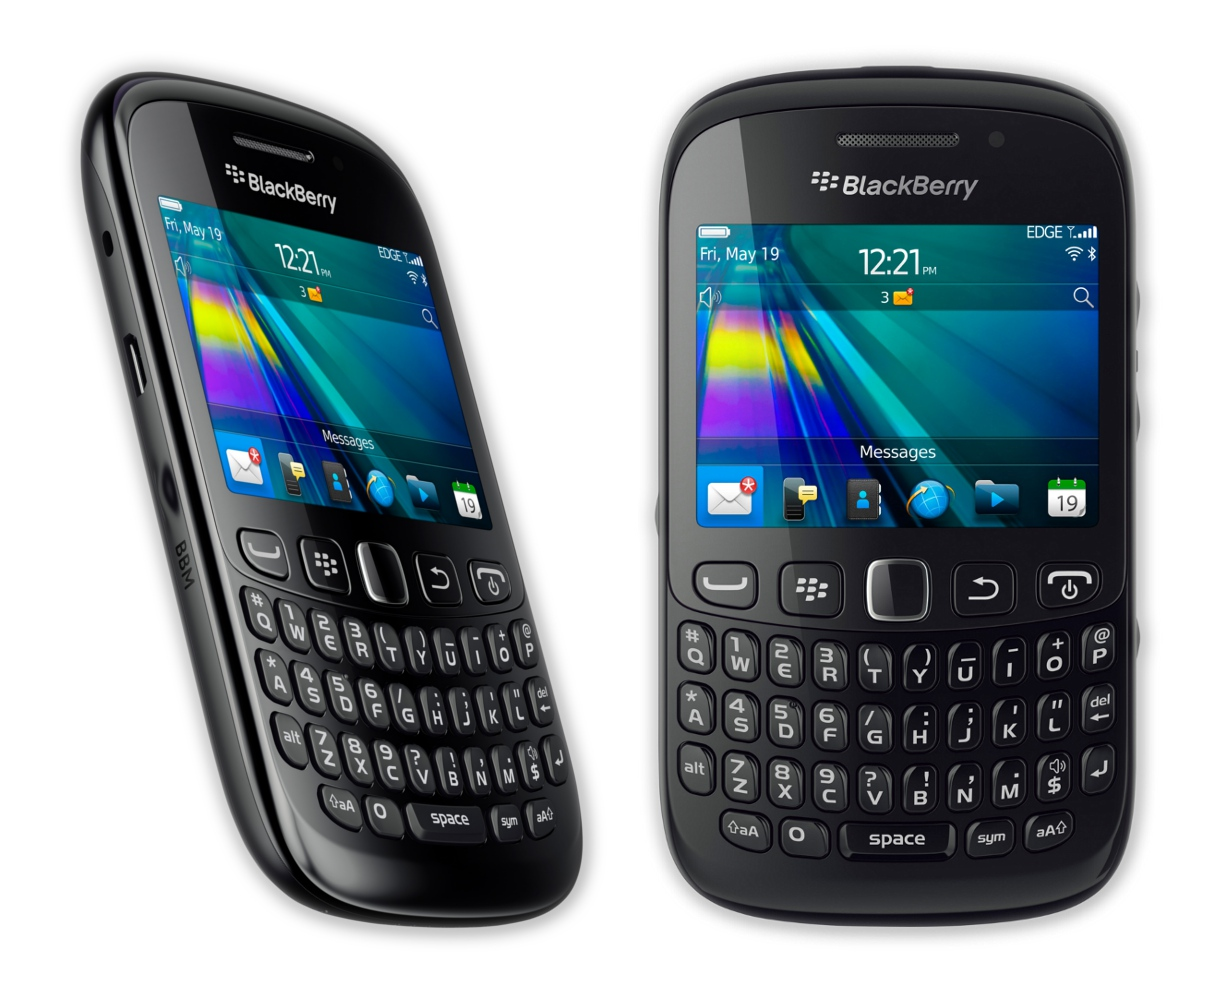 Di blackberry